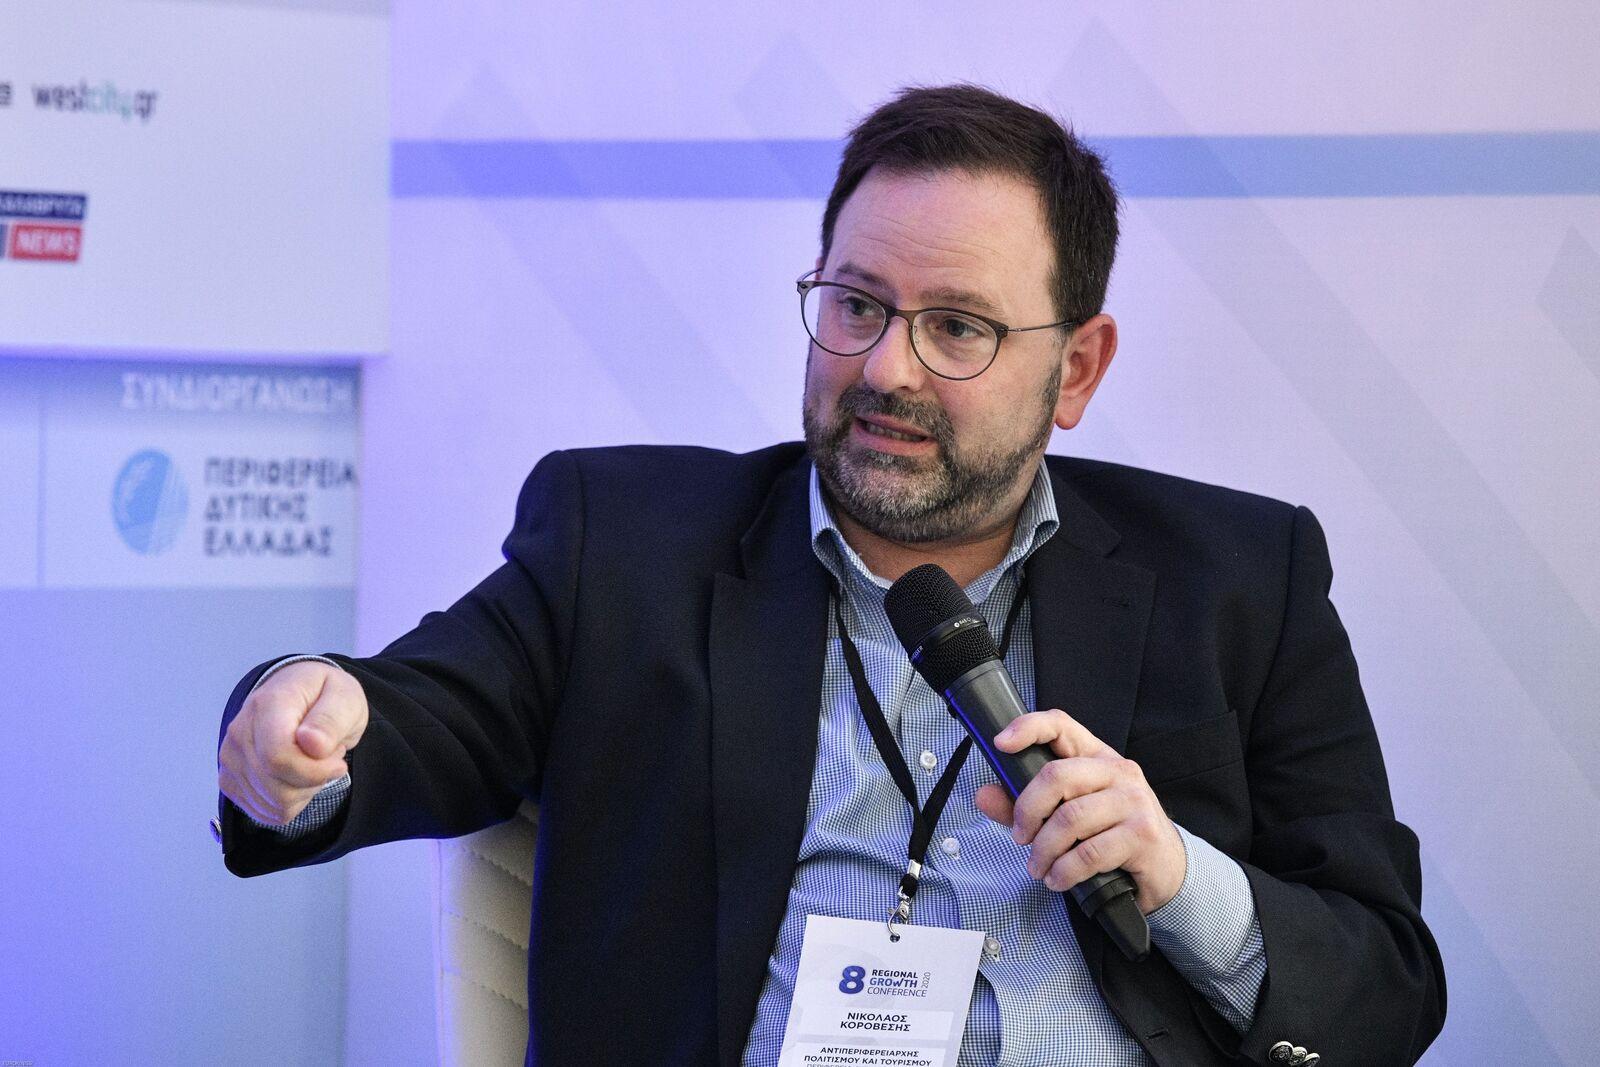 Νίκος Κοροβέσης: Αταλάντευτοι μπροστά στους άξονες Πολιτισμού και Τουρισμού της Περιφέρειας